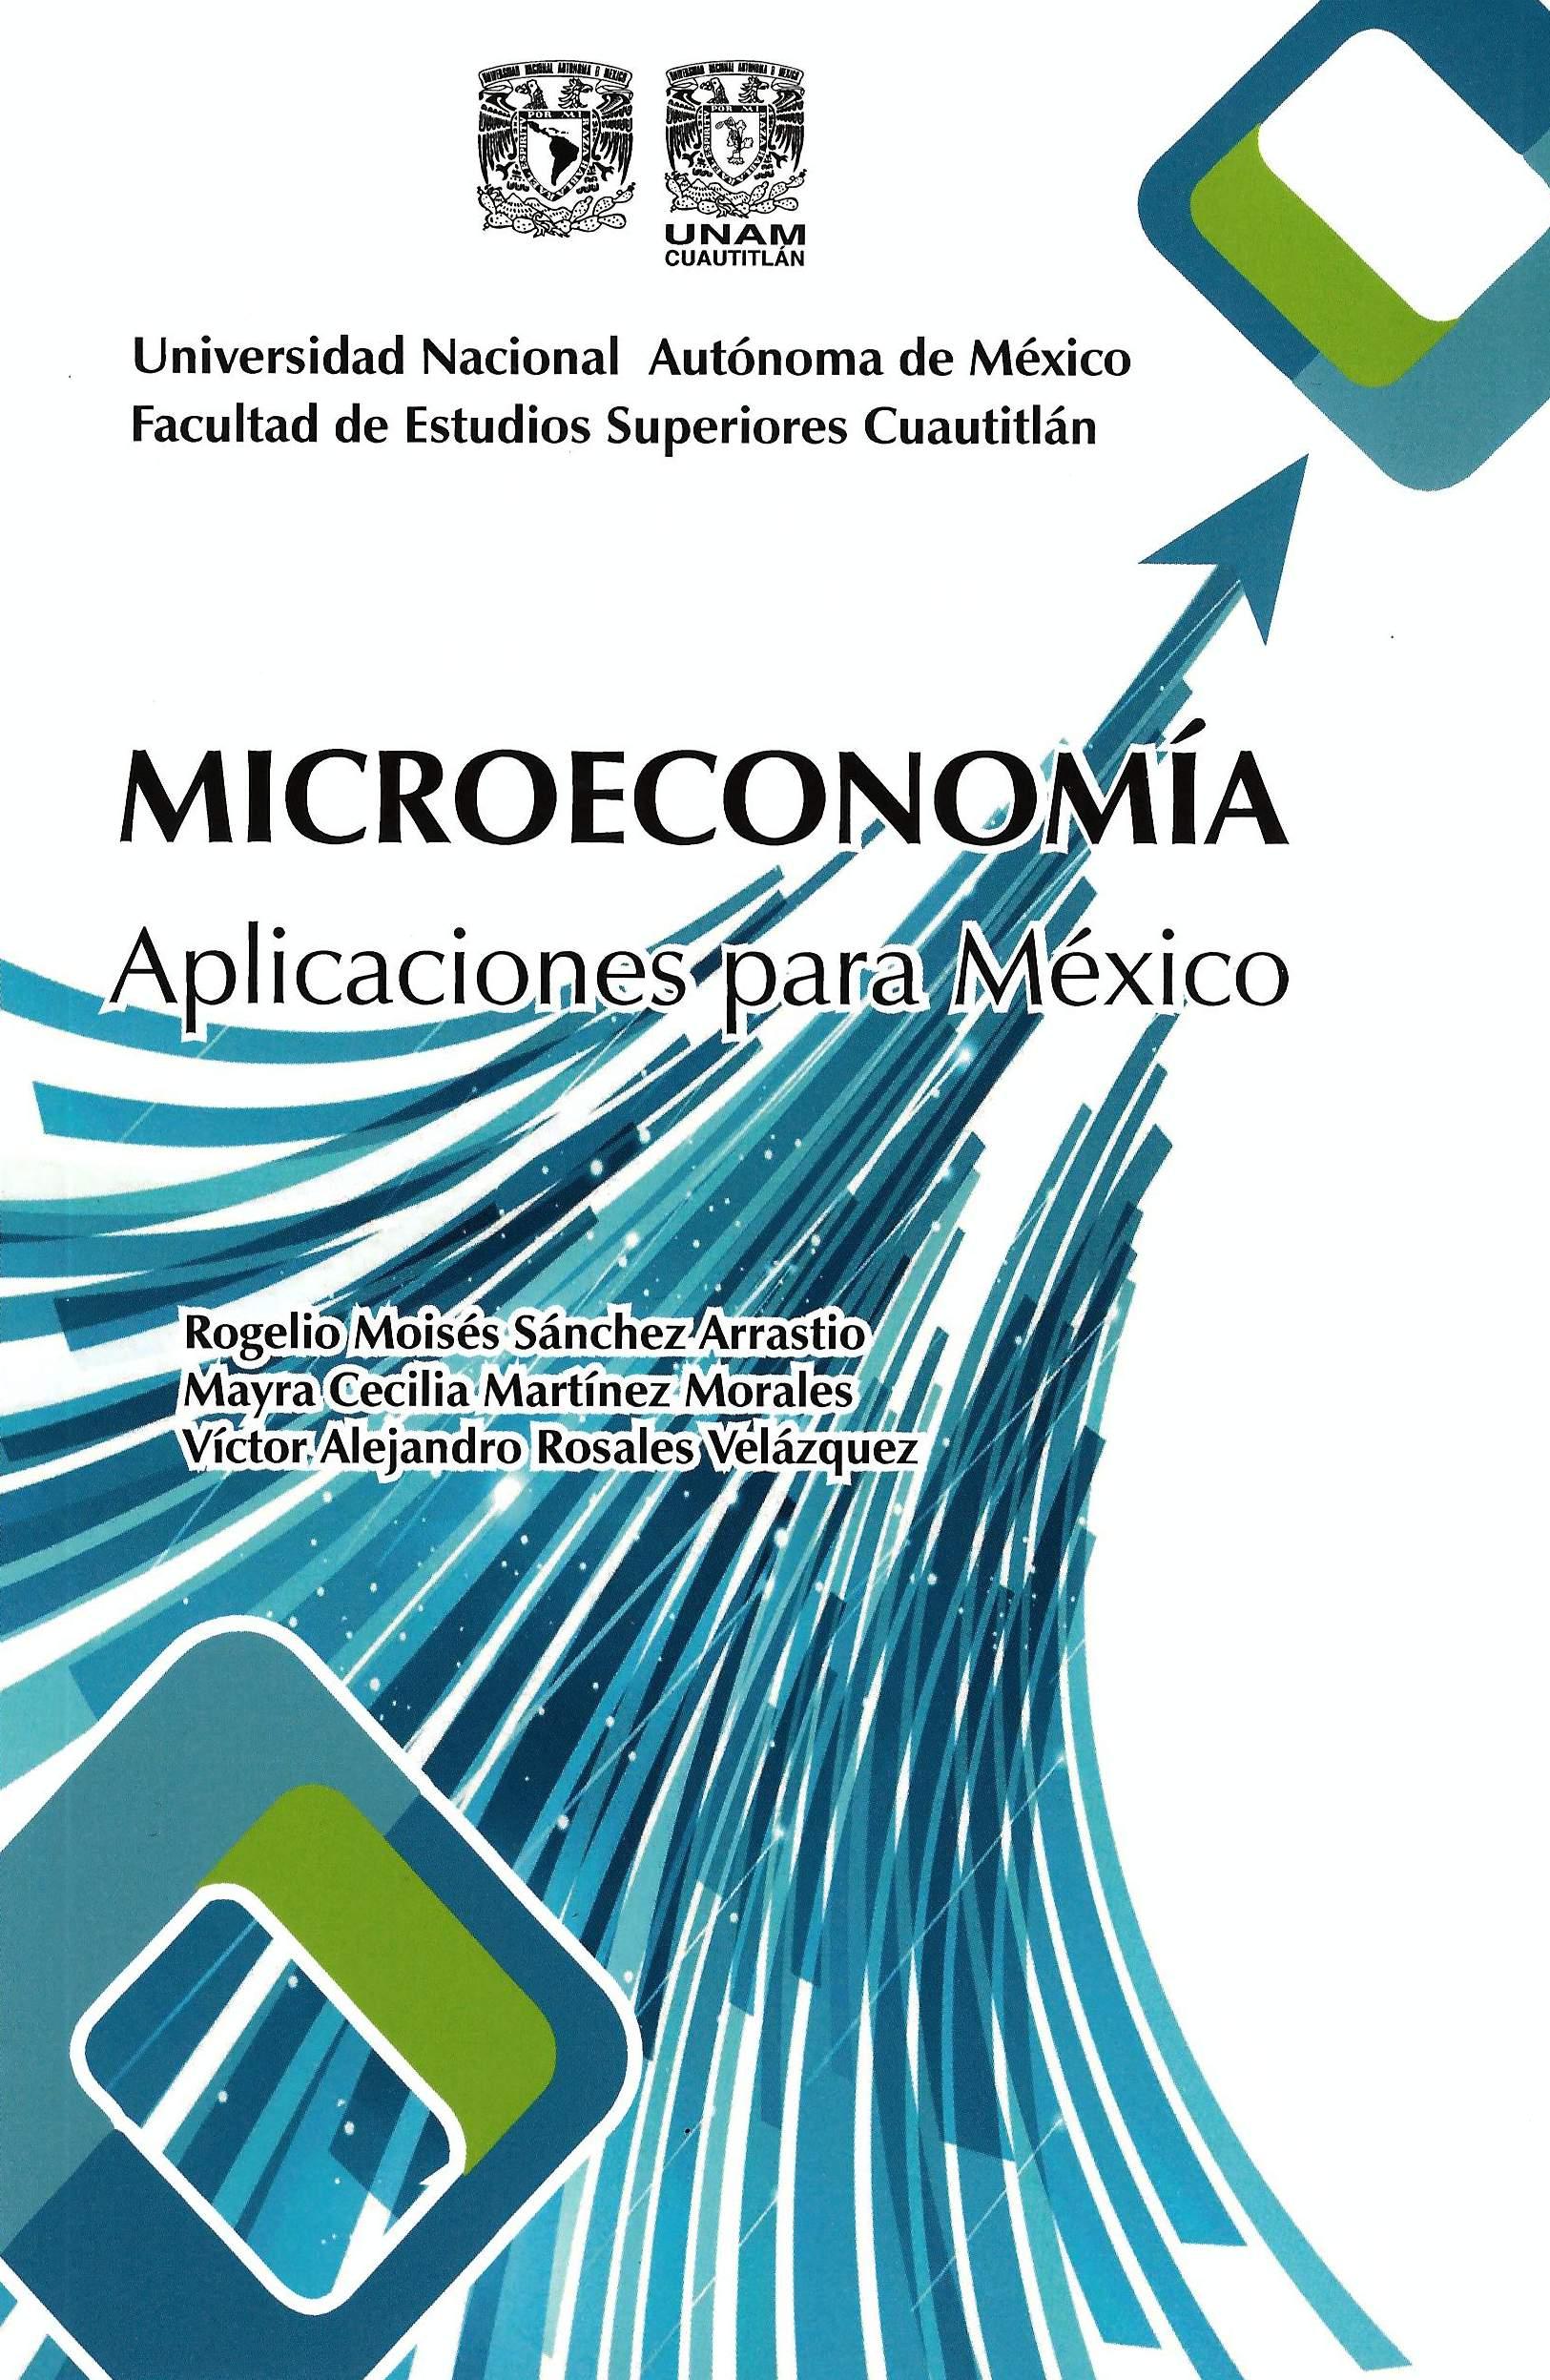 Microeconomía: aplicaciones para México